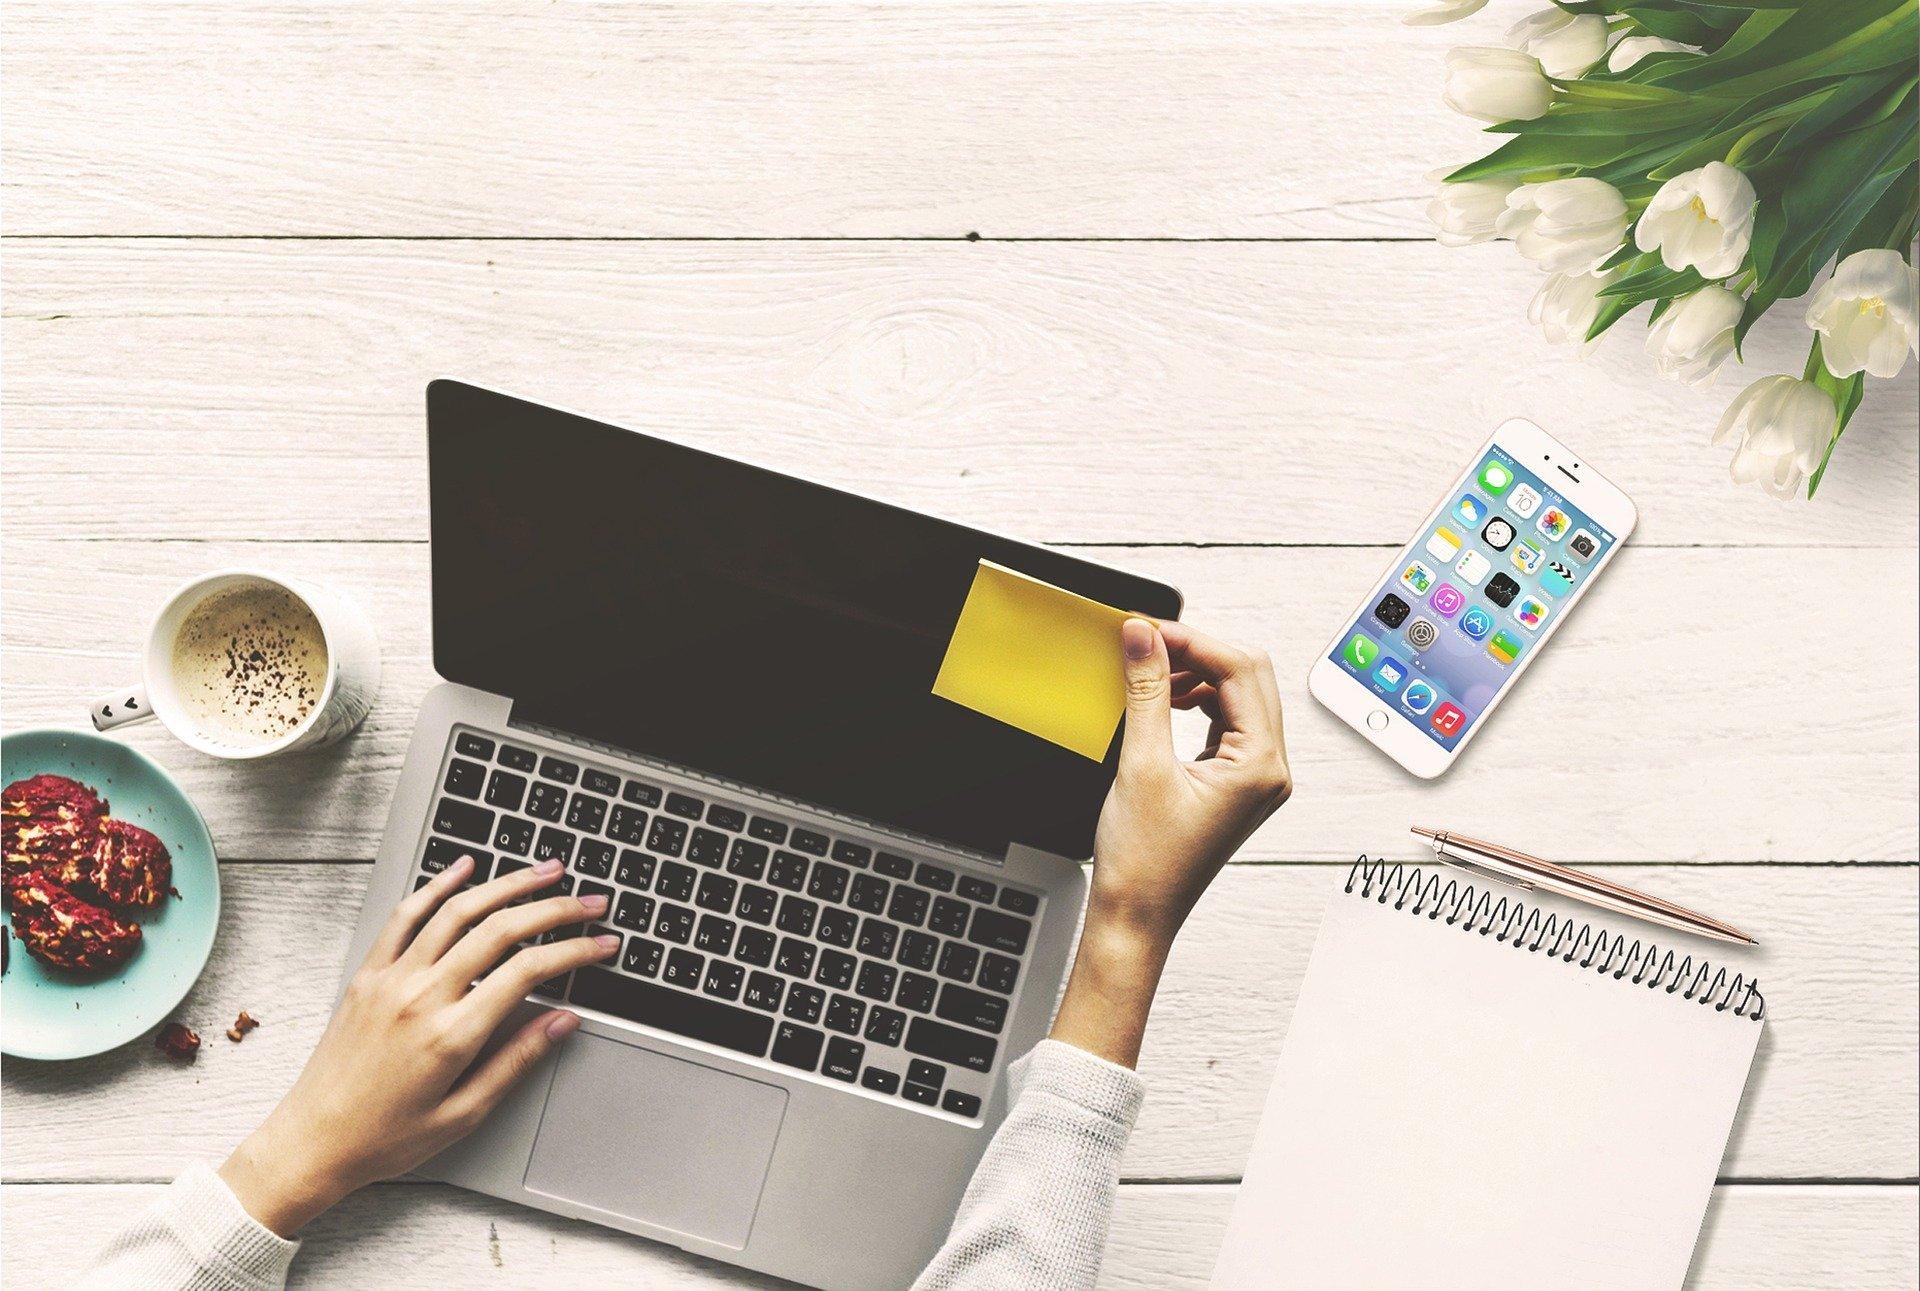 hogyan lehet pénzt keresni egy laptop segítségével